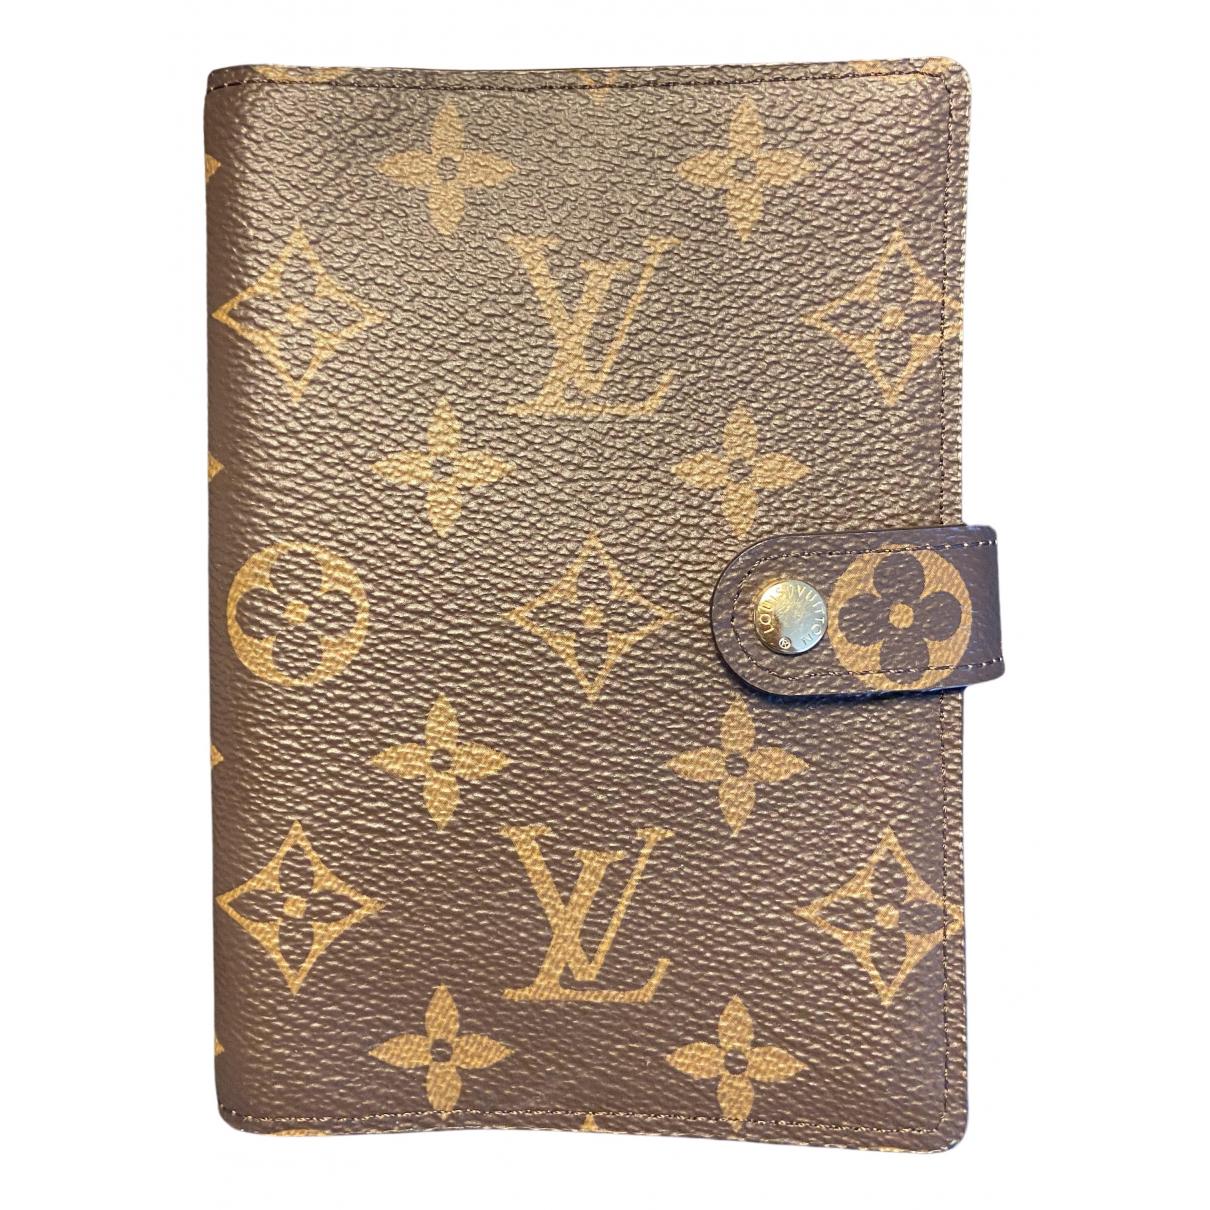 Agenda Couverture dagenda PM de Lona Louis Vuitton